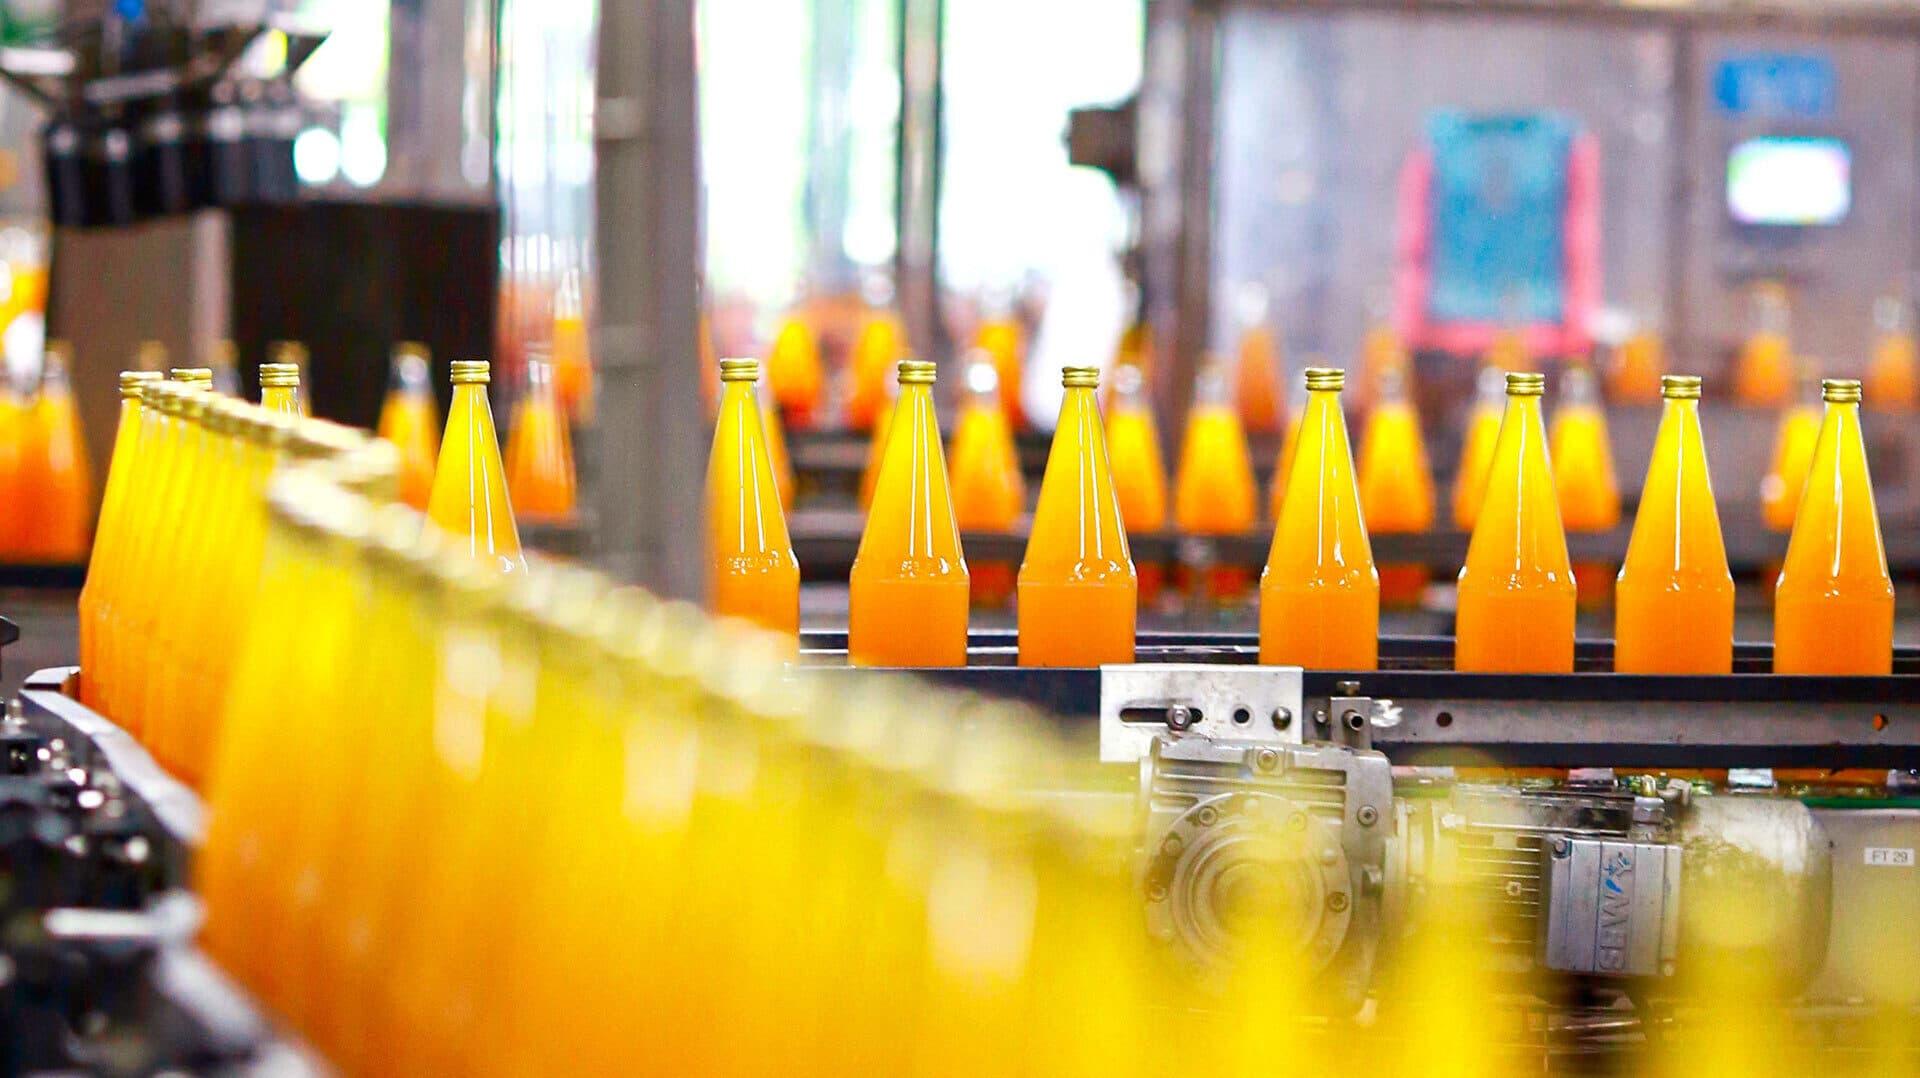 Frisch gepresster Apfelsaft auf dem Weg zur Etikettiermaschine.